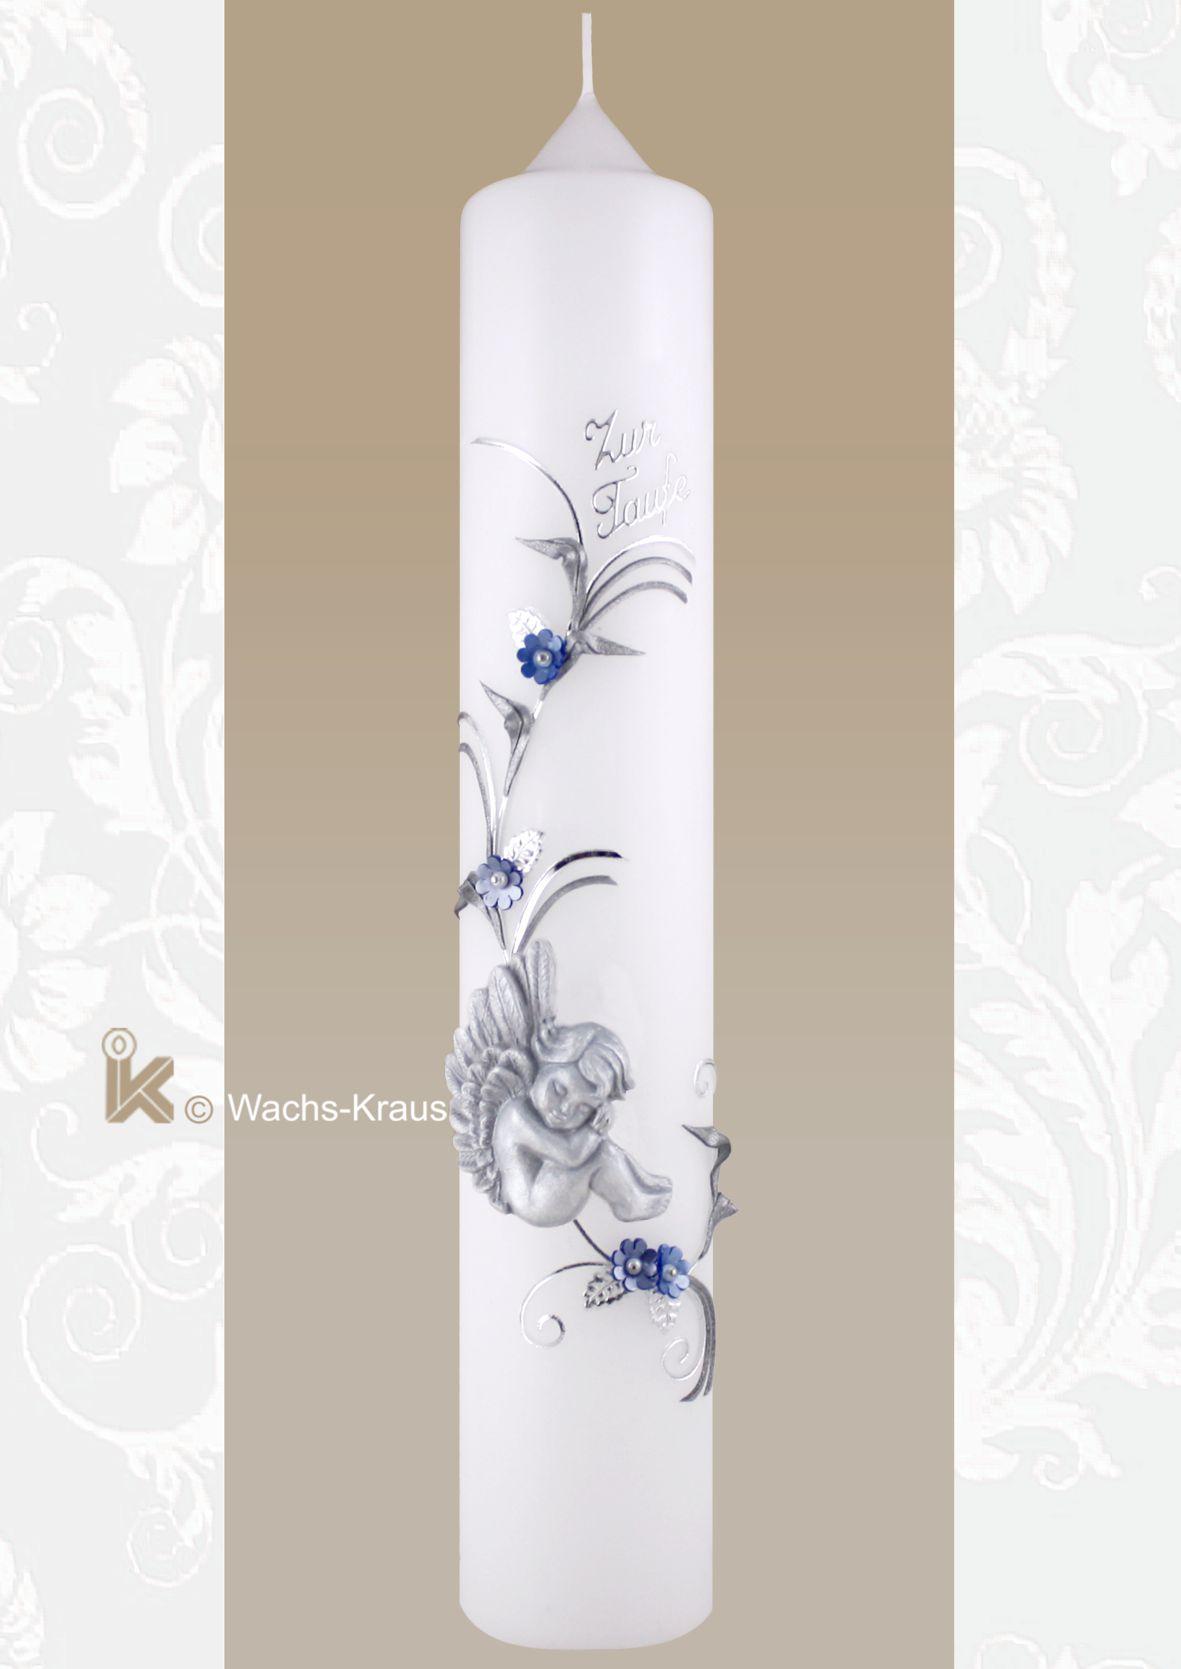 Taufkerze Schutzengel blau. Sehr schöner, aus Wachs gegossener, leicht patinierter Engel in einer silberfarbenen Ranke.